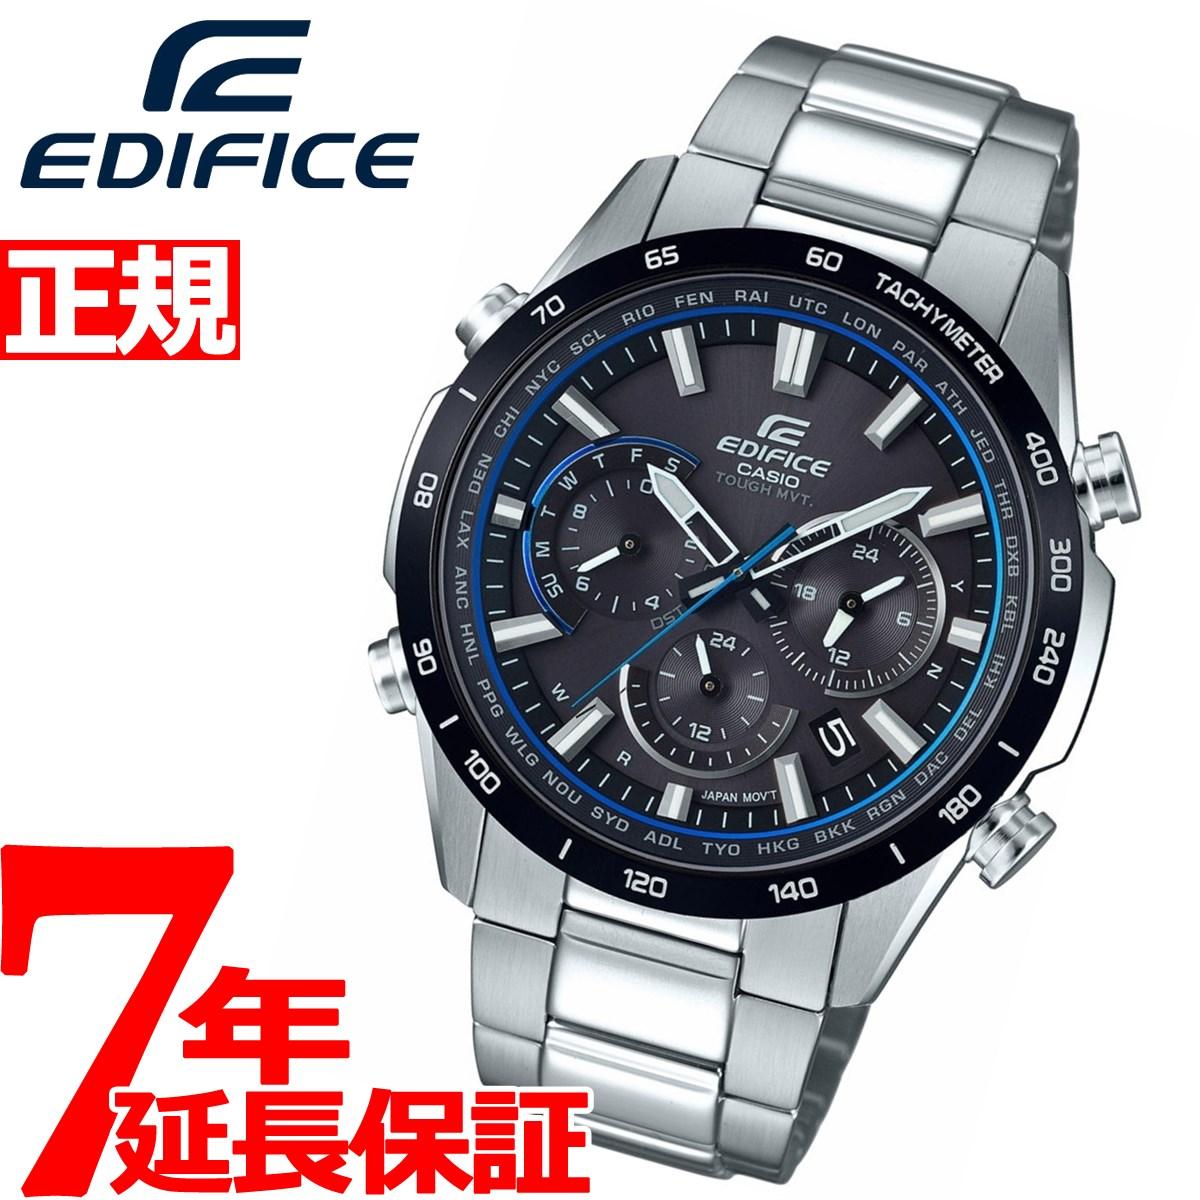 カシオ エディフィス CASIO EDIFICE 電波 ソーラー 電波時計 腕時計 メンズ タフソーラー クロノグラフ EQW-T650DB-1AJF【2018 新作】